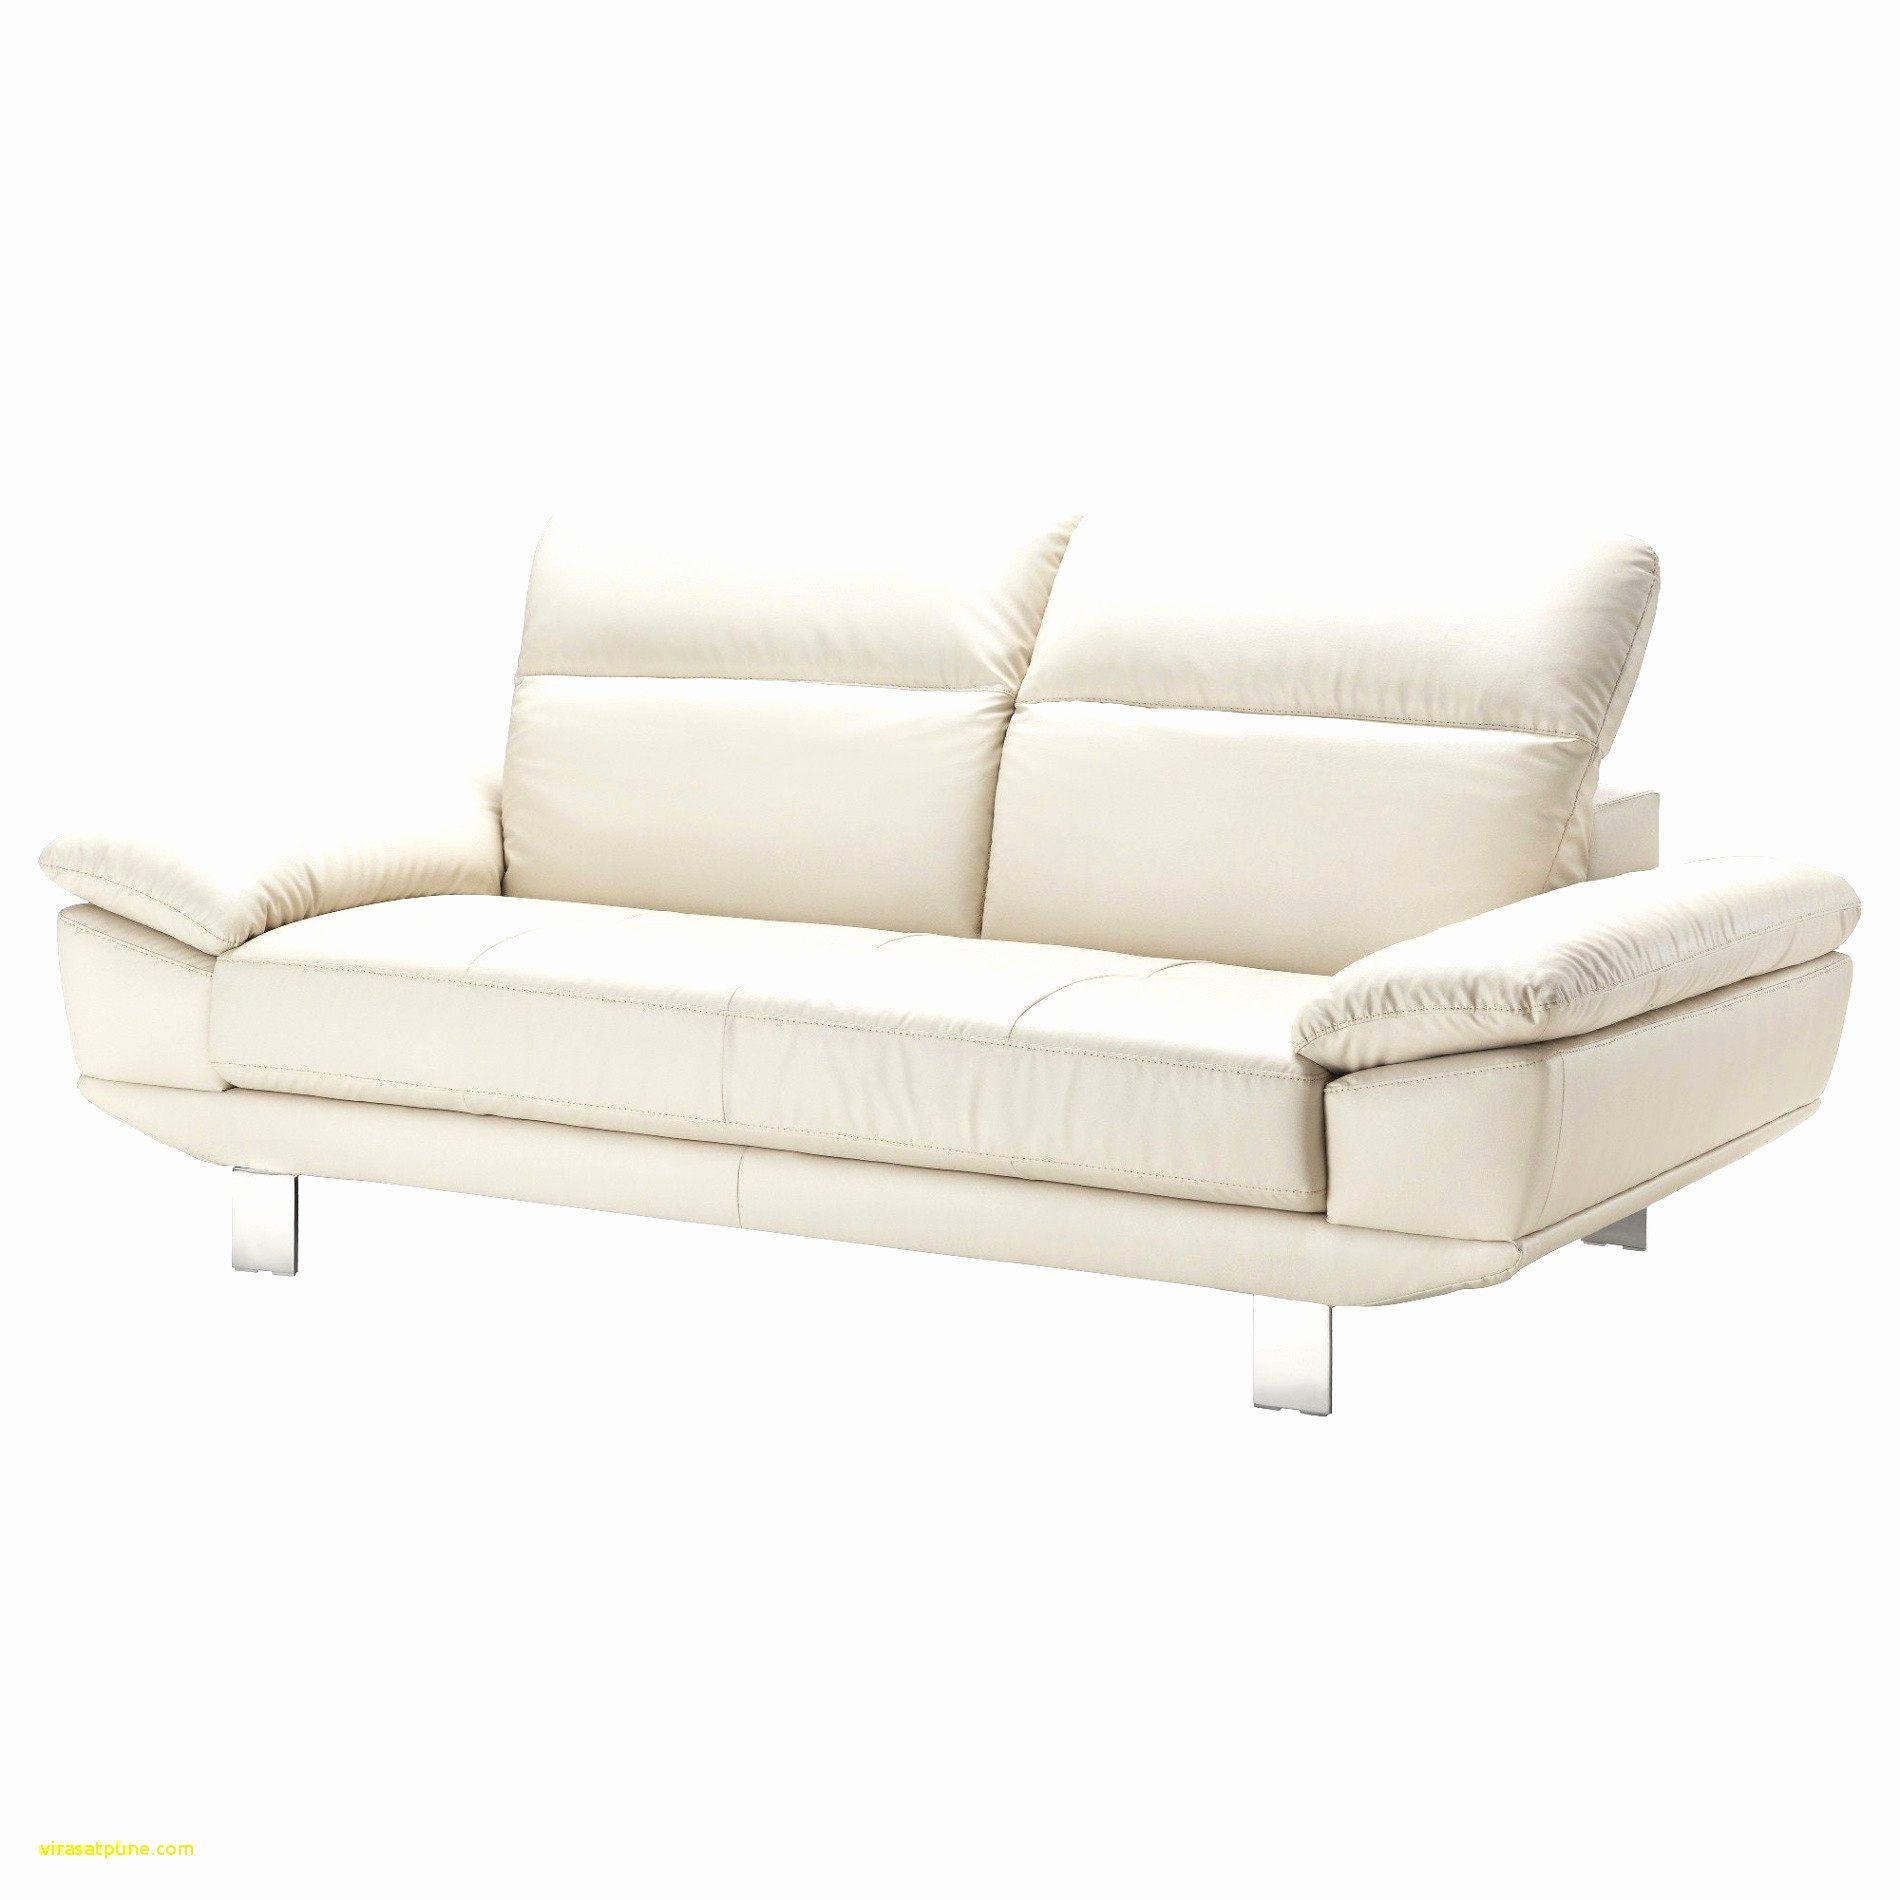 Canapé Lit Couchage Quotidien Ikea Luxe 35 Frais Canapé Lit Couchage Quoti N Ikea Inspirations